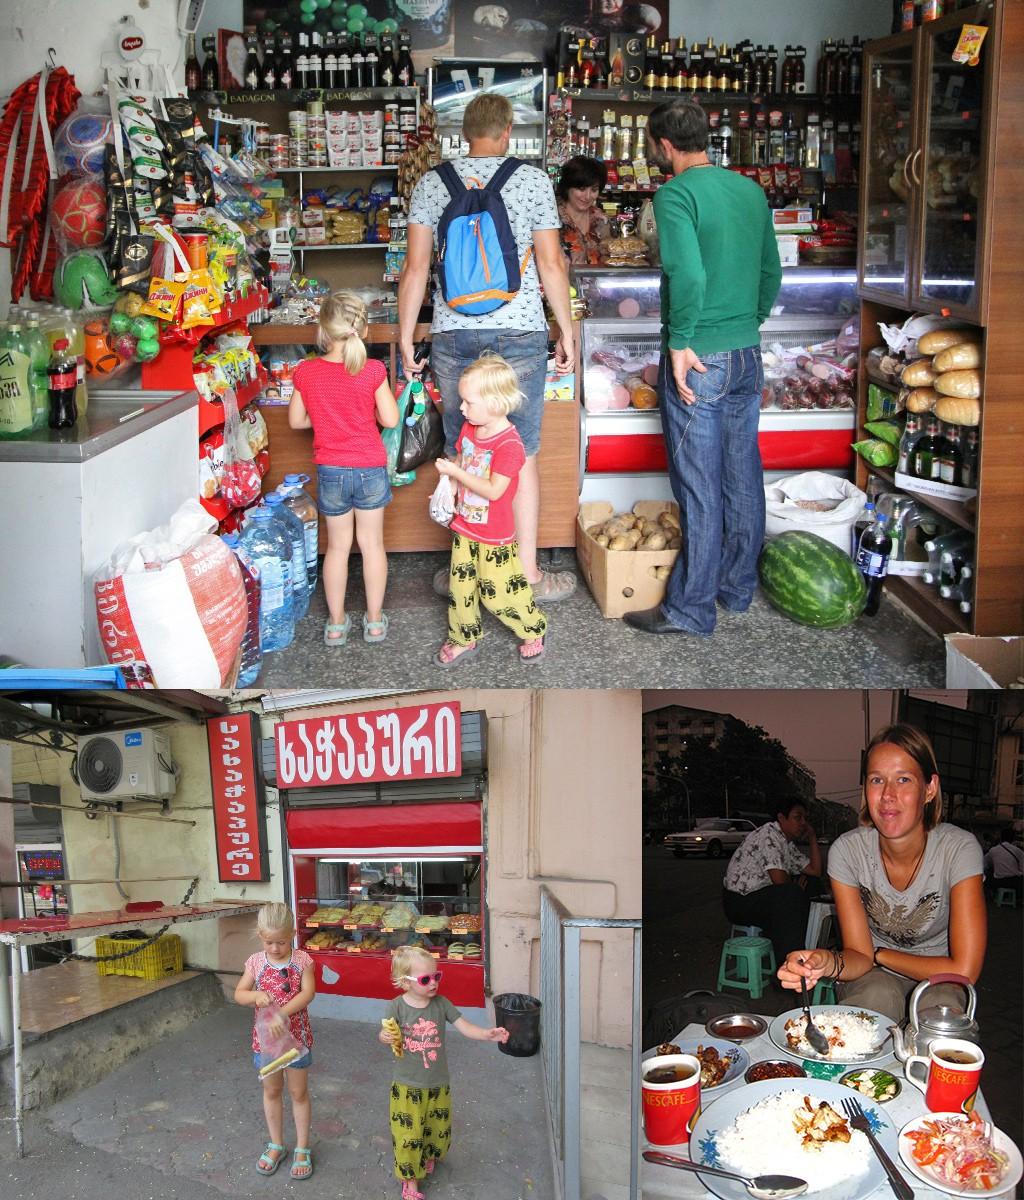 verantwoord reizen - shop en eet lokaal